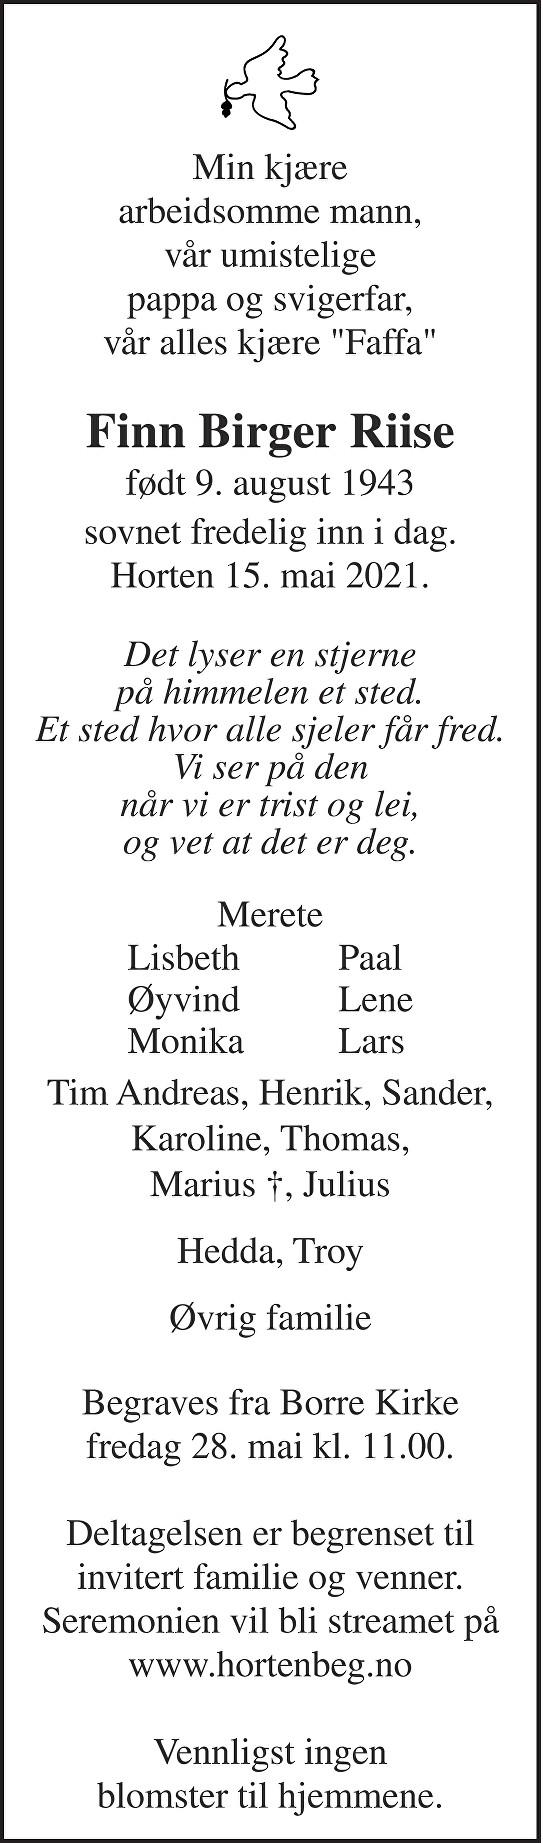 Finn Birger Riise Dødsannonse